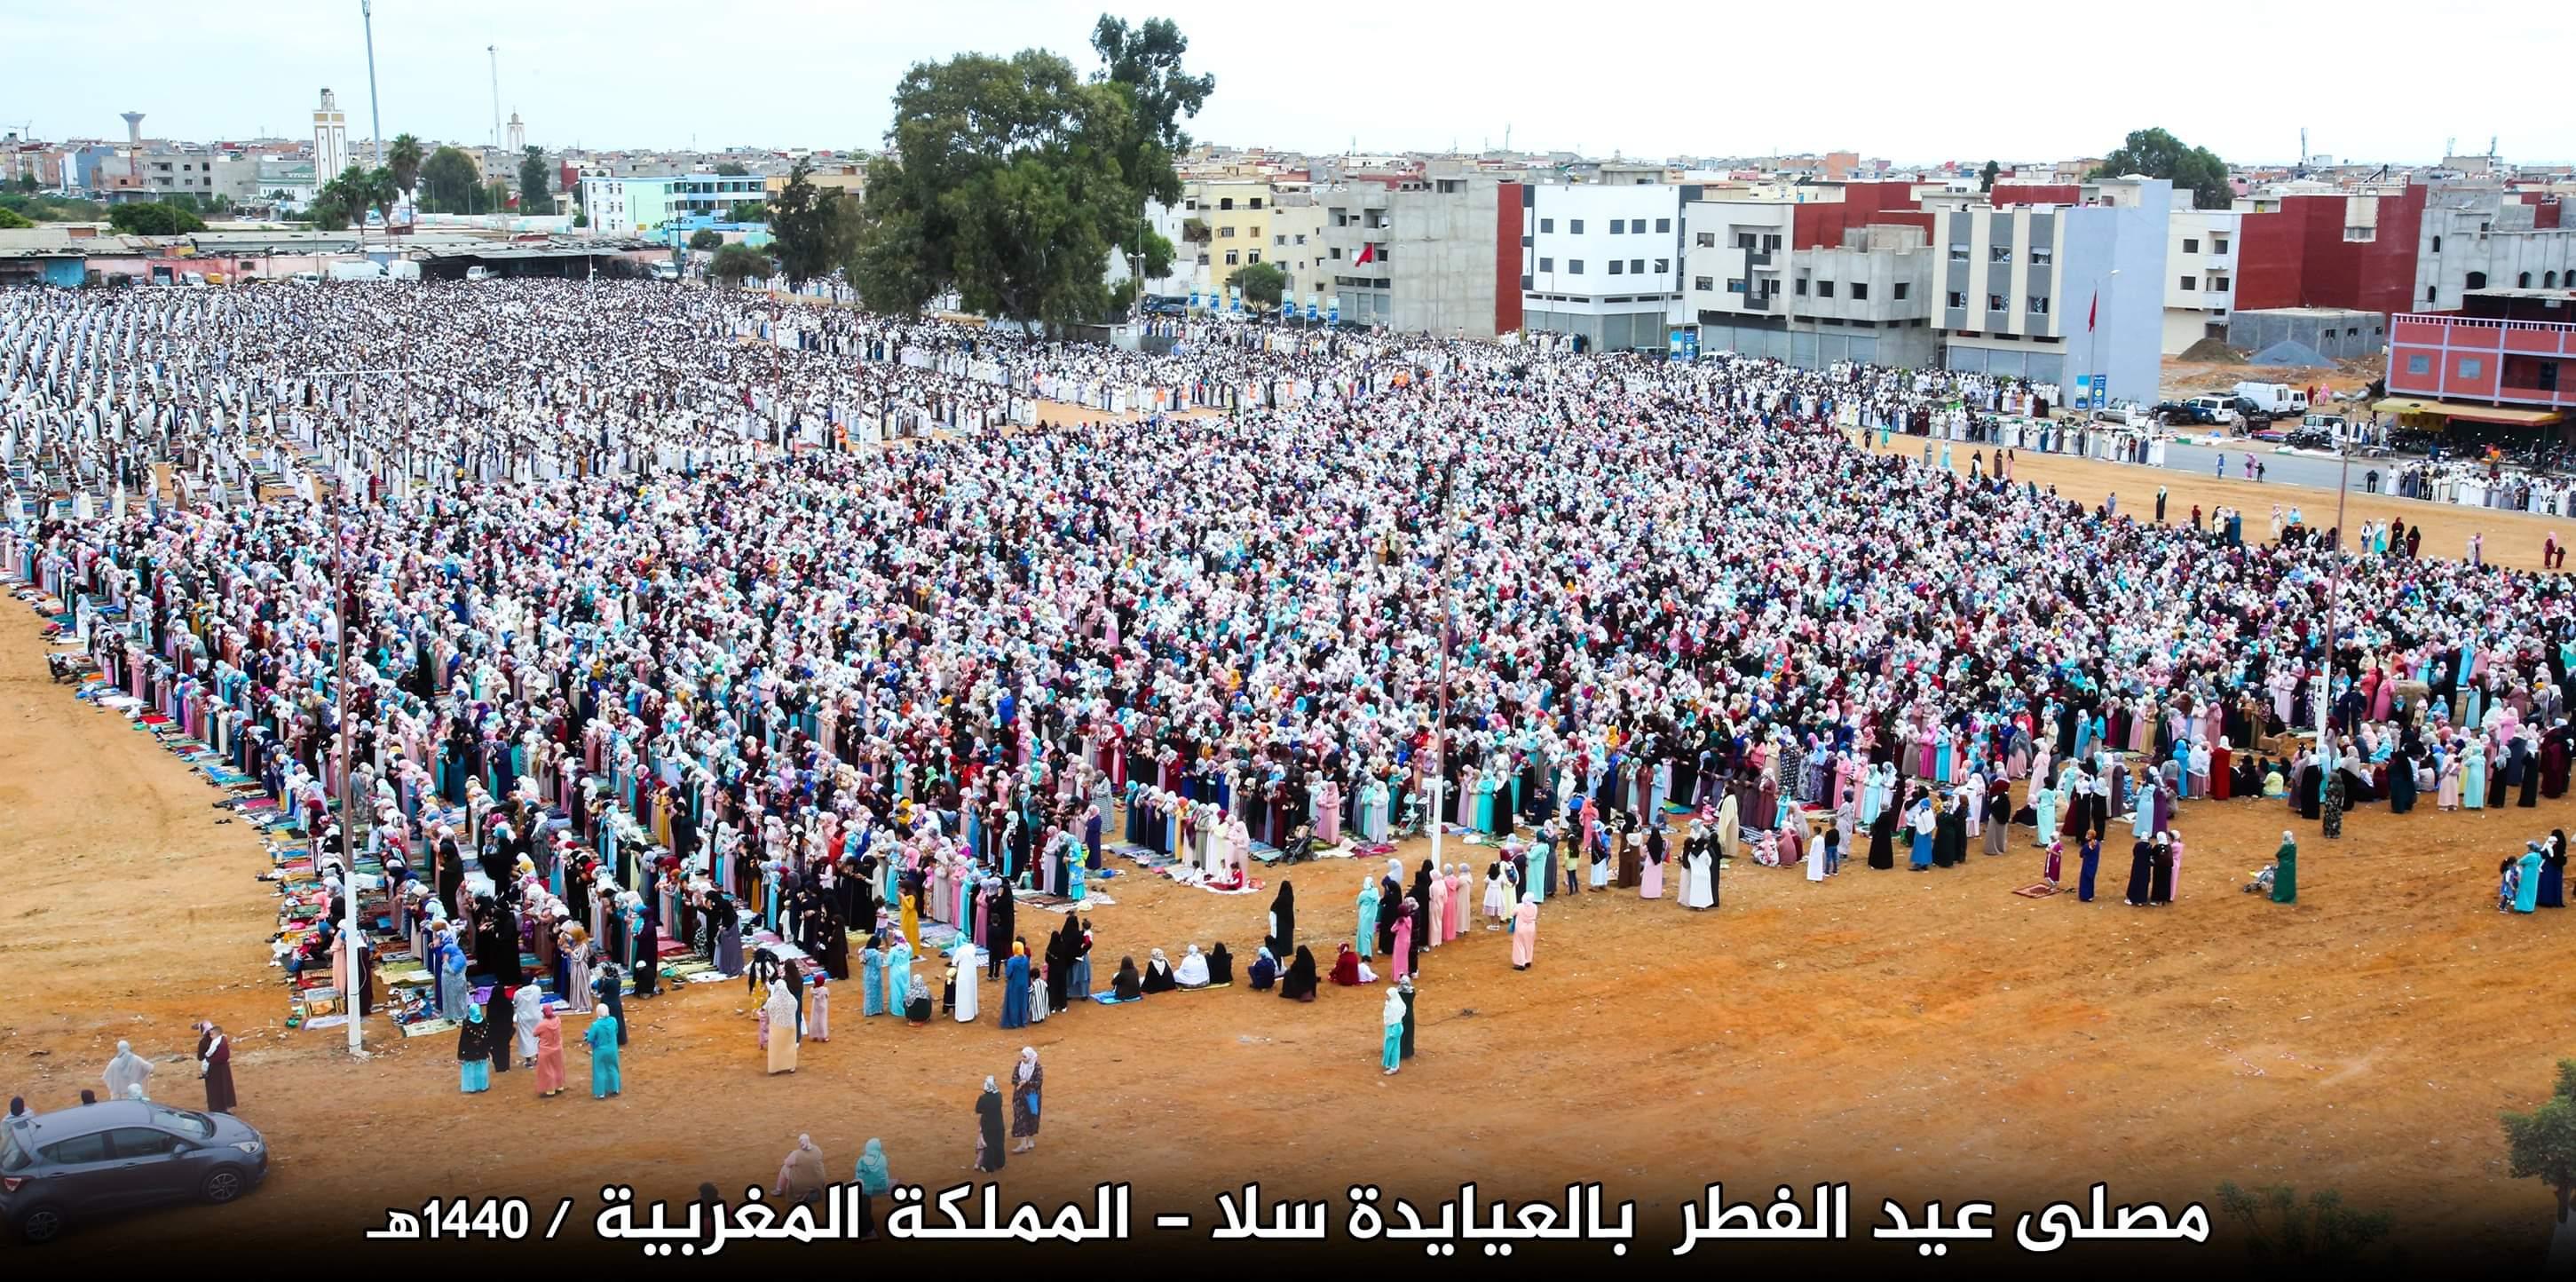 صور جميلة من أكبر مصليات العيد بمدينة سلا